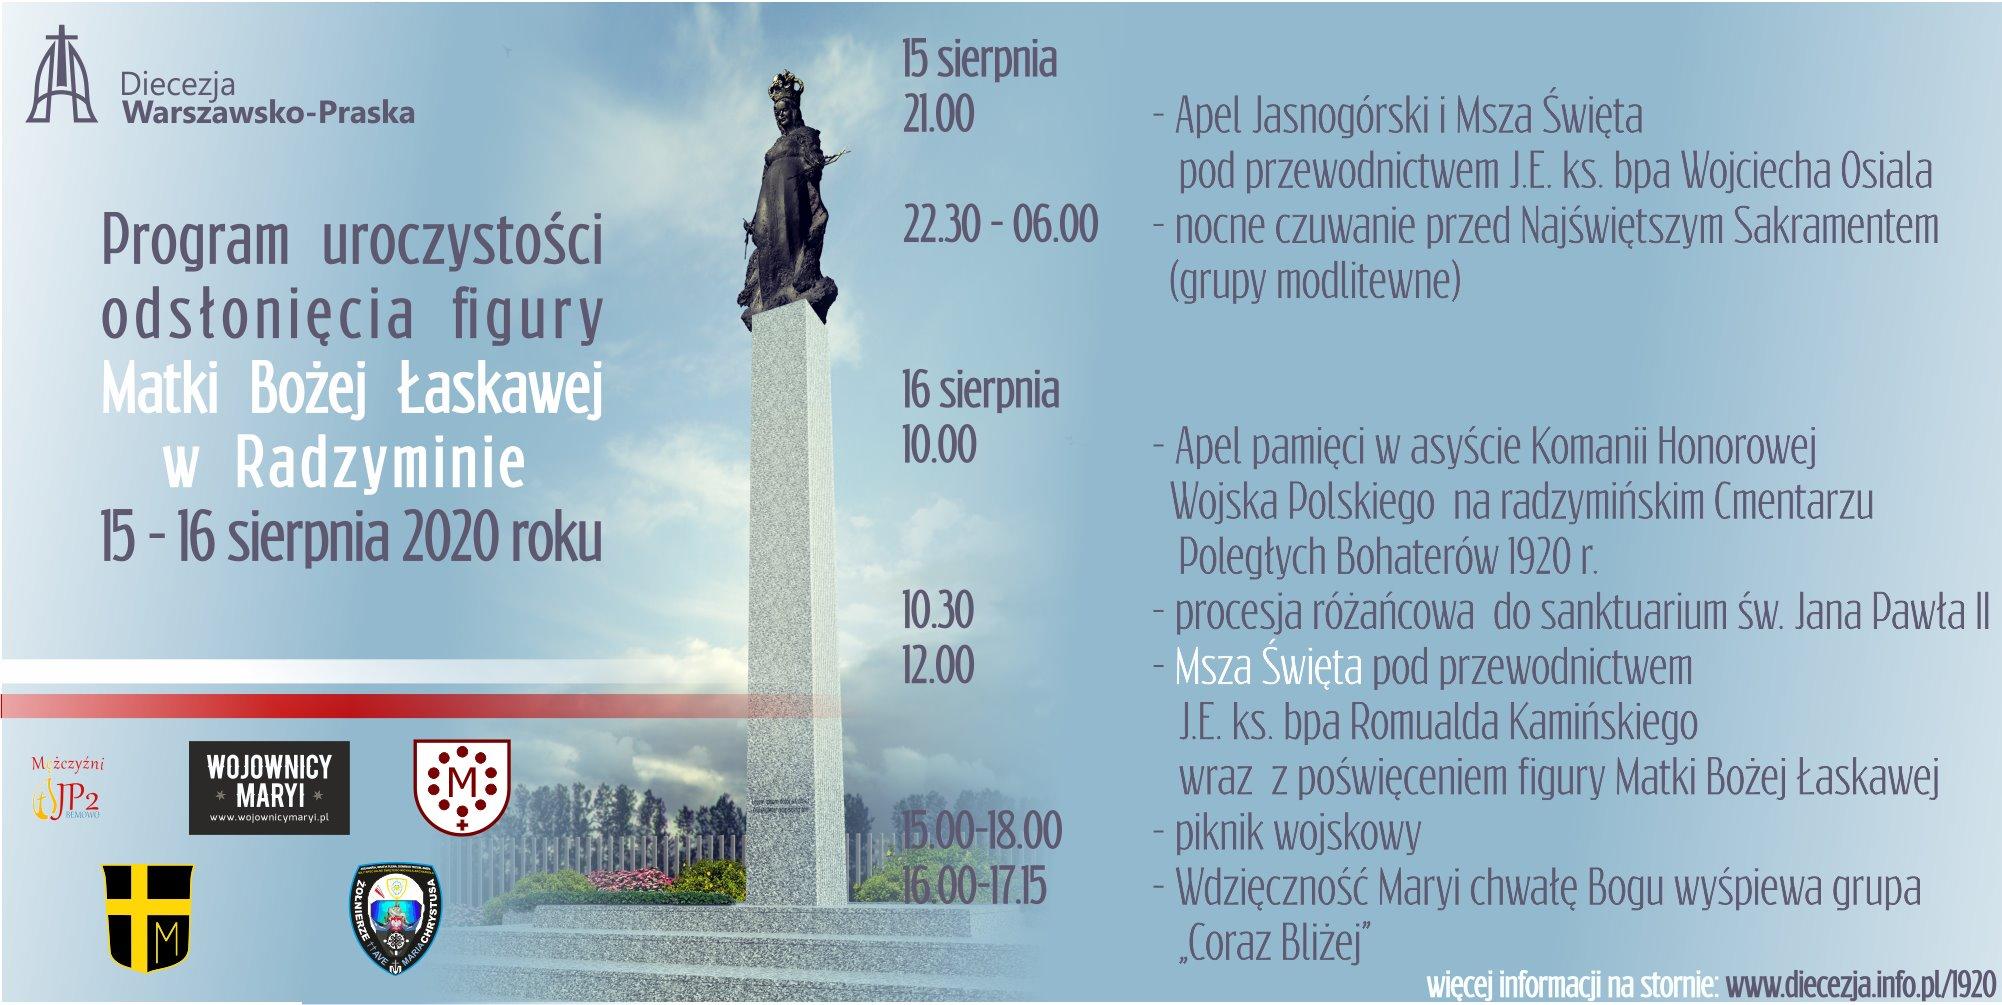 15 – 16.08 Program uroczystości odsłonięcia figury Matki Bożej Łaskawej w Radzyminie